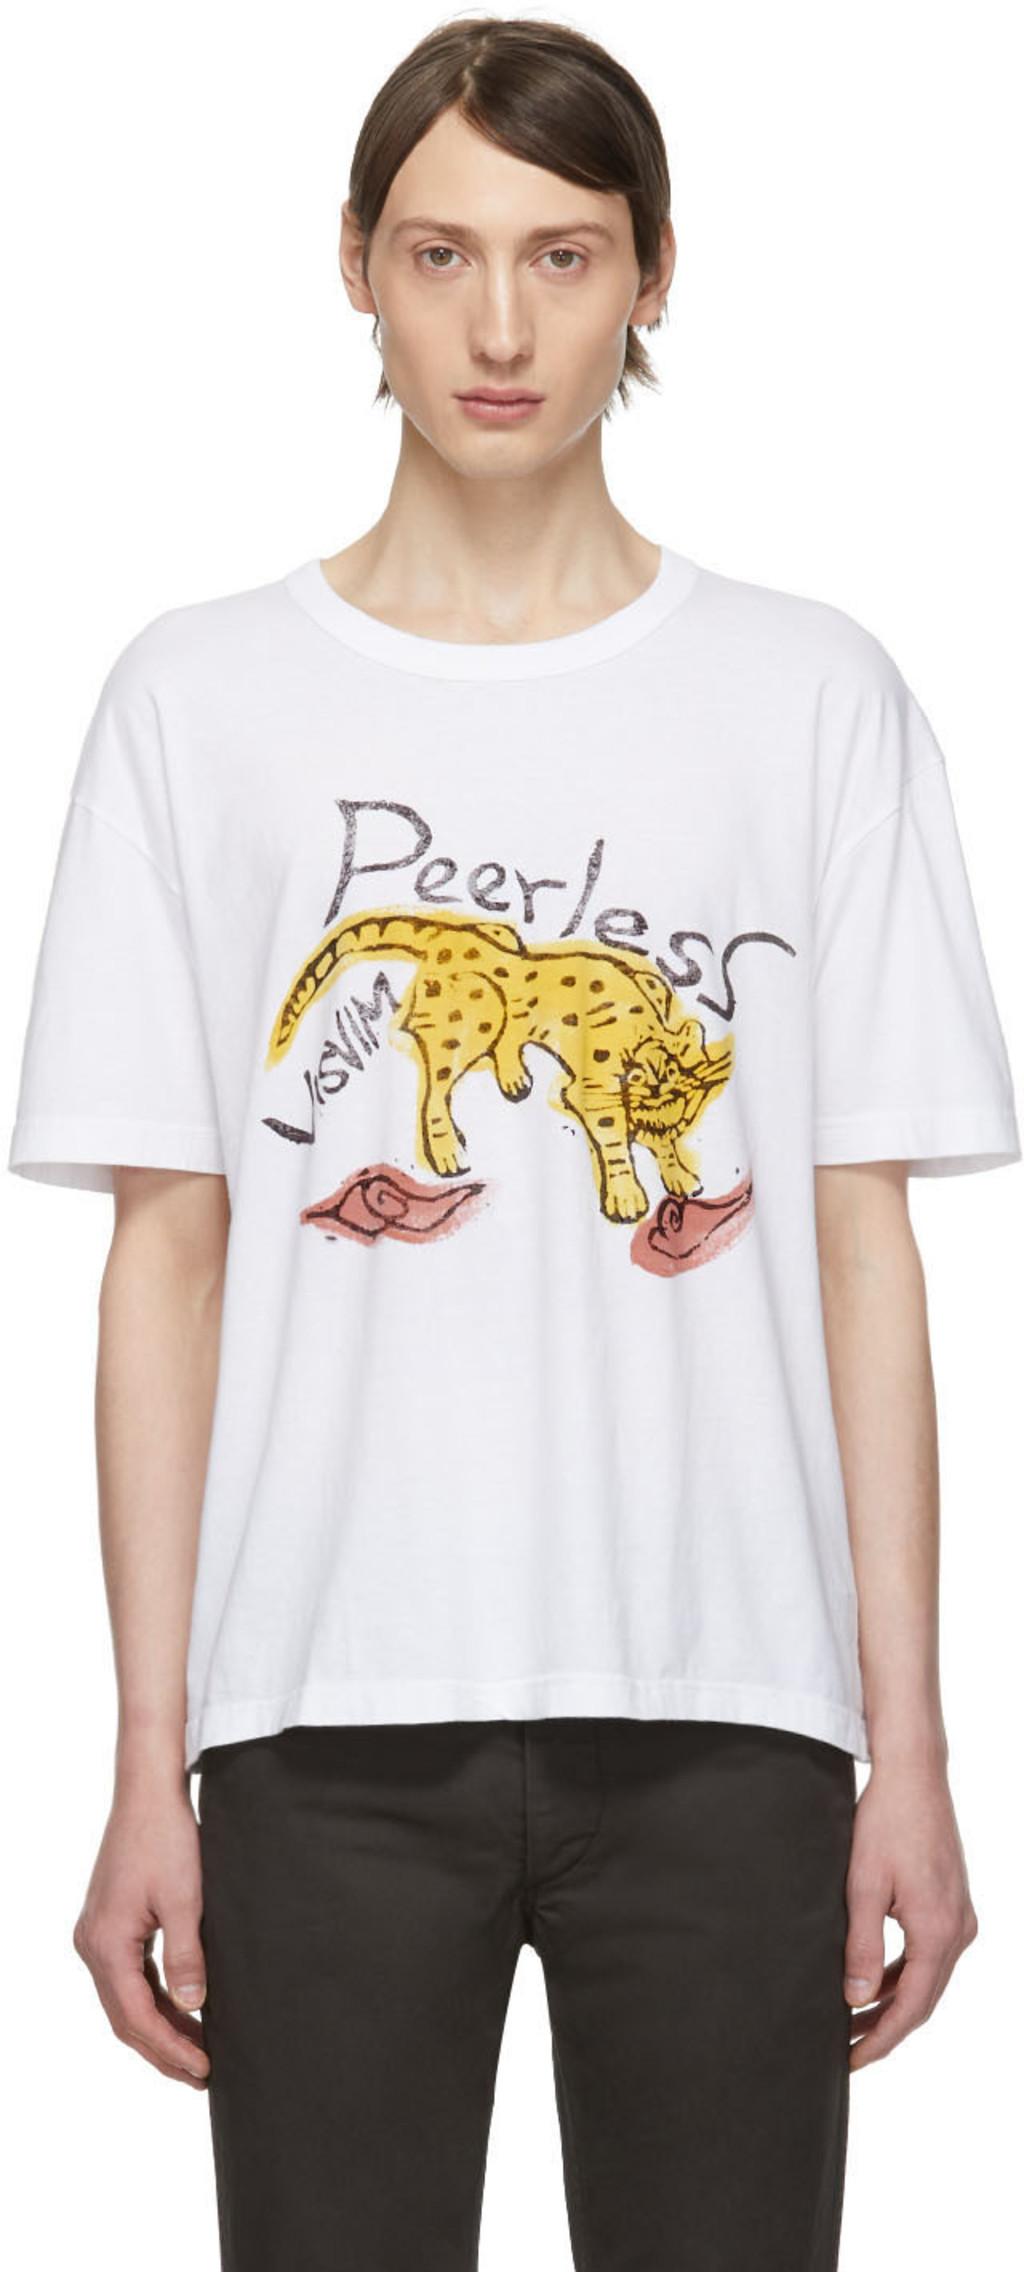 922ca38808 White Peerless Jumbo T-Shirt